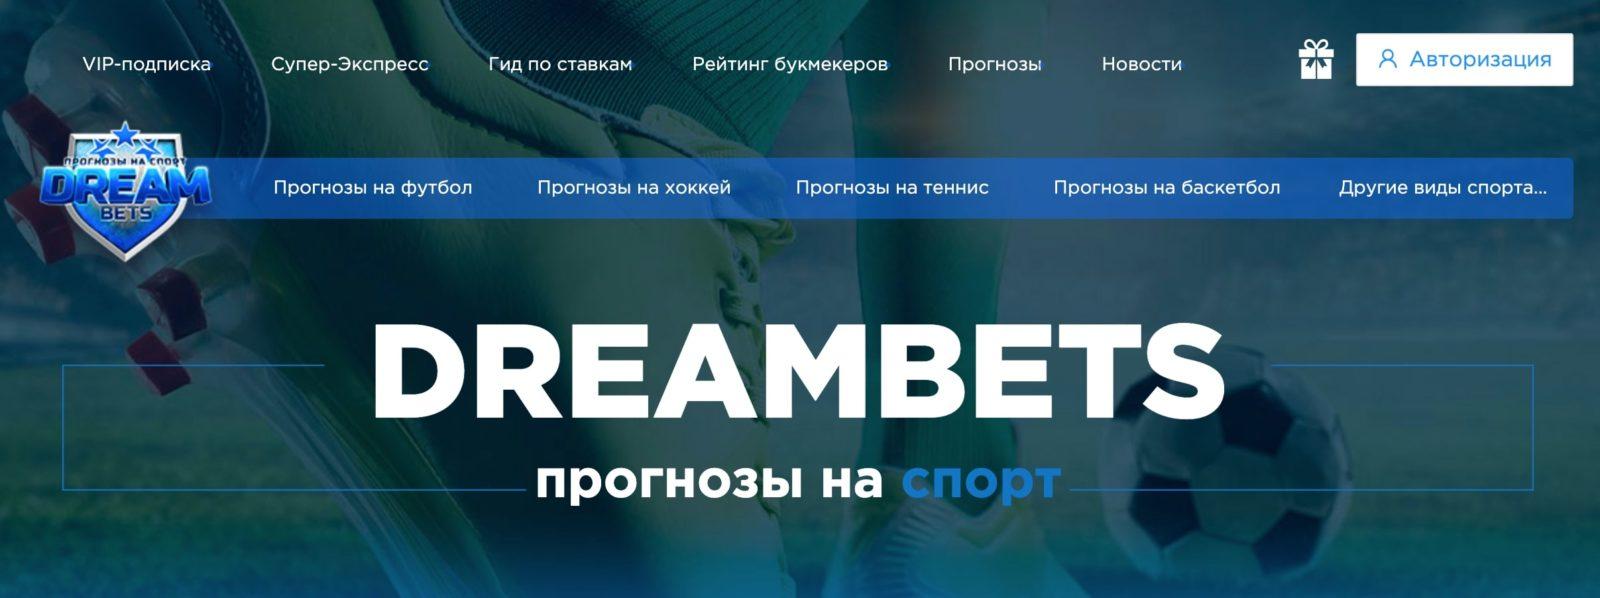 Главная страница сайта DreamBets.ru (Дримбетс)